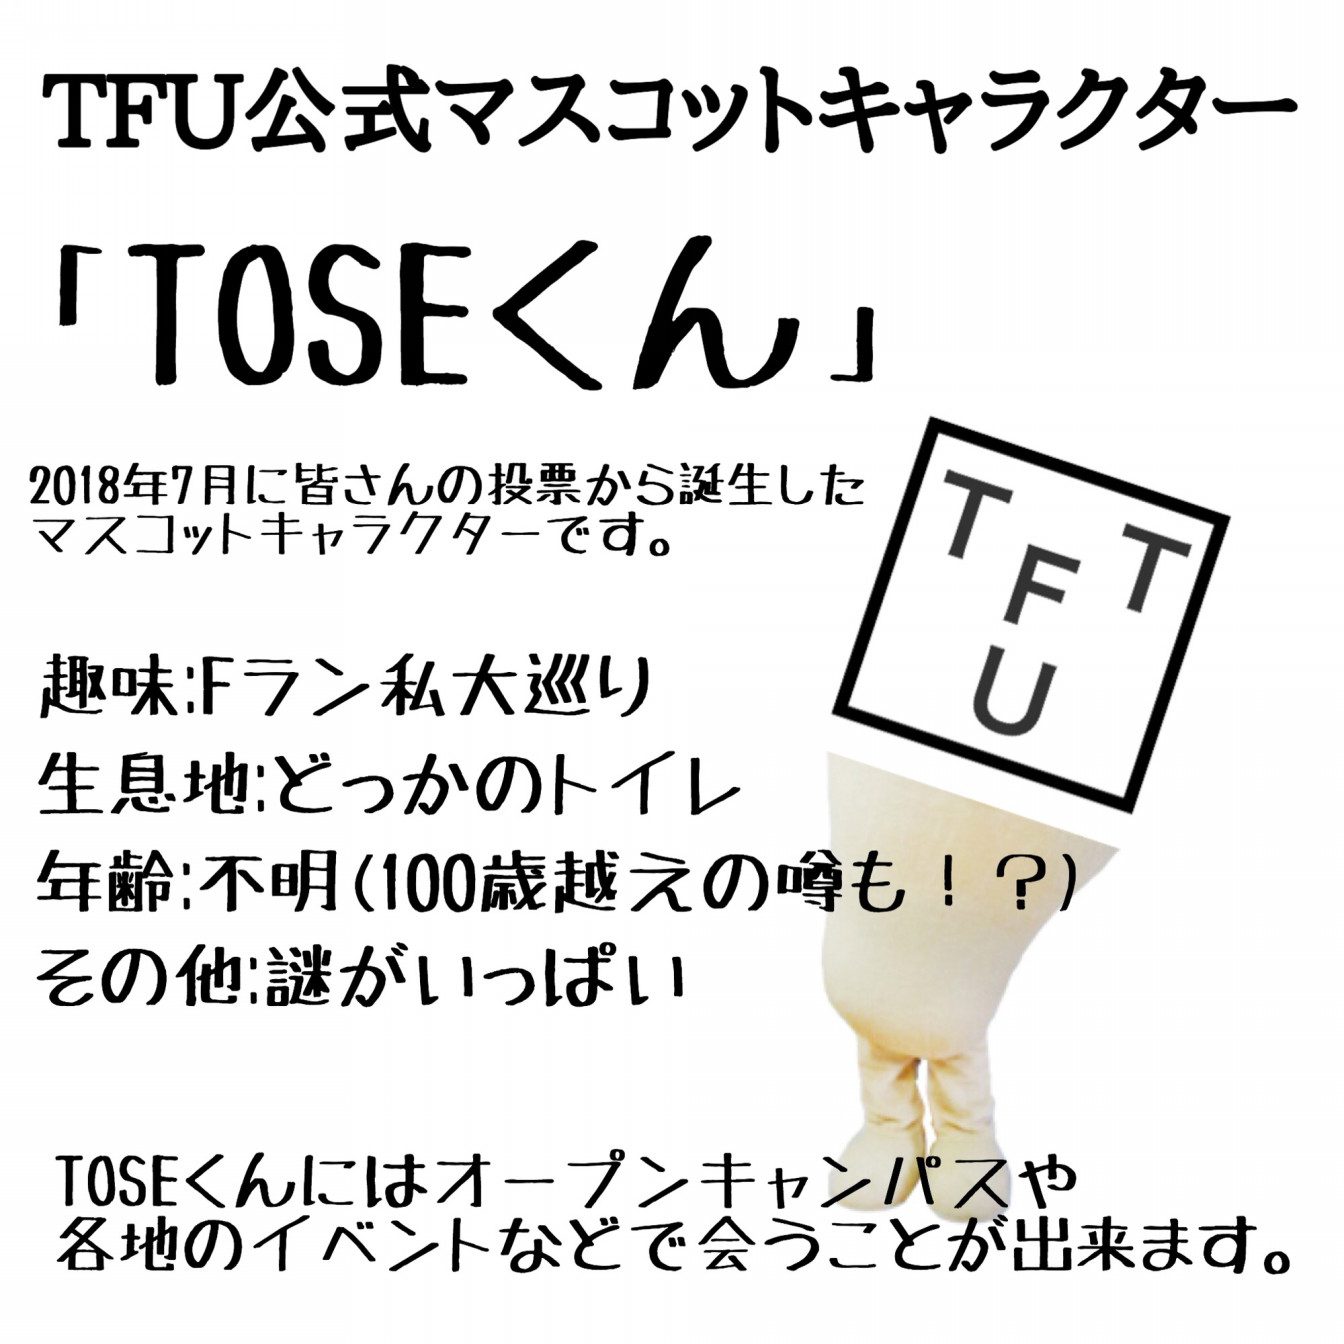 高崎未来総合大学の校章・マスコットキャラクター